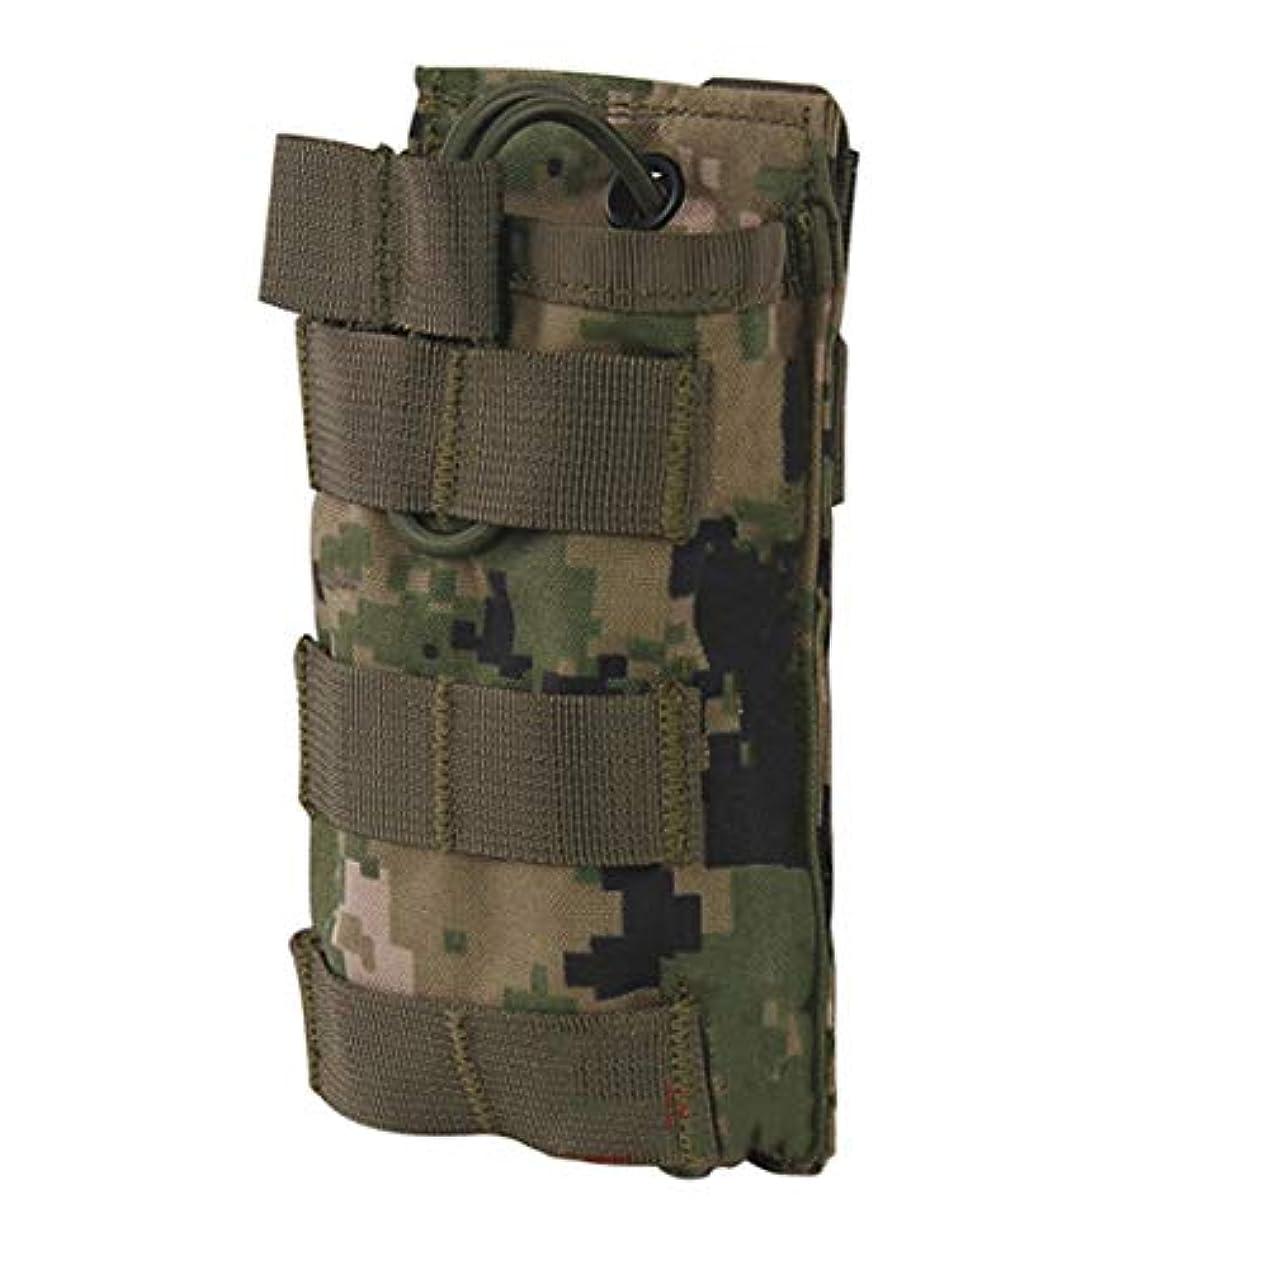 支配的容疑者クリーナーFreahap 弾倉ホルダー 弾薬ポーチ 1000D ナイロン MOLLE バッグ 弾薬キャリア弾薬収納